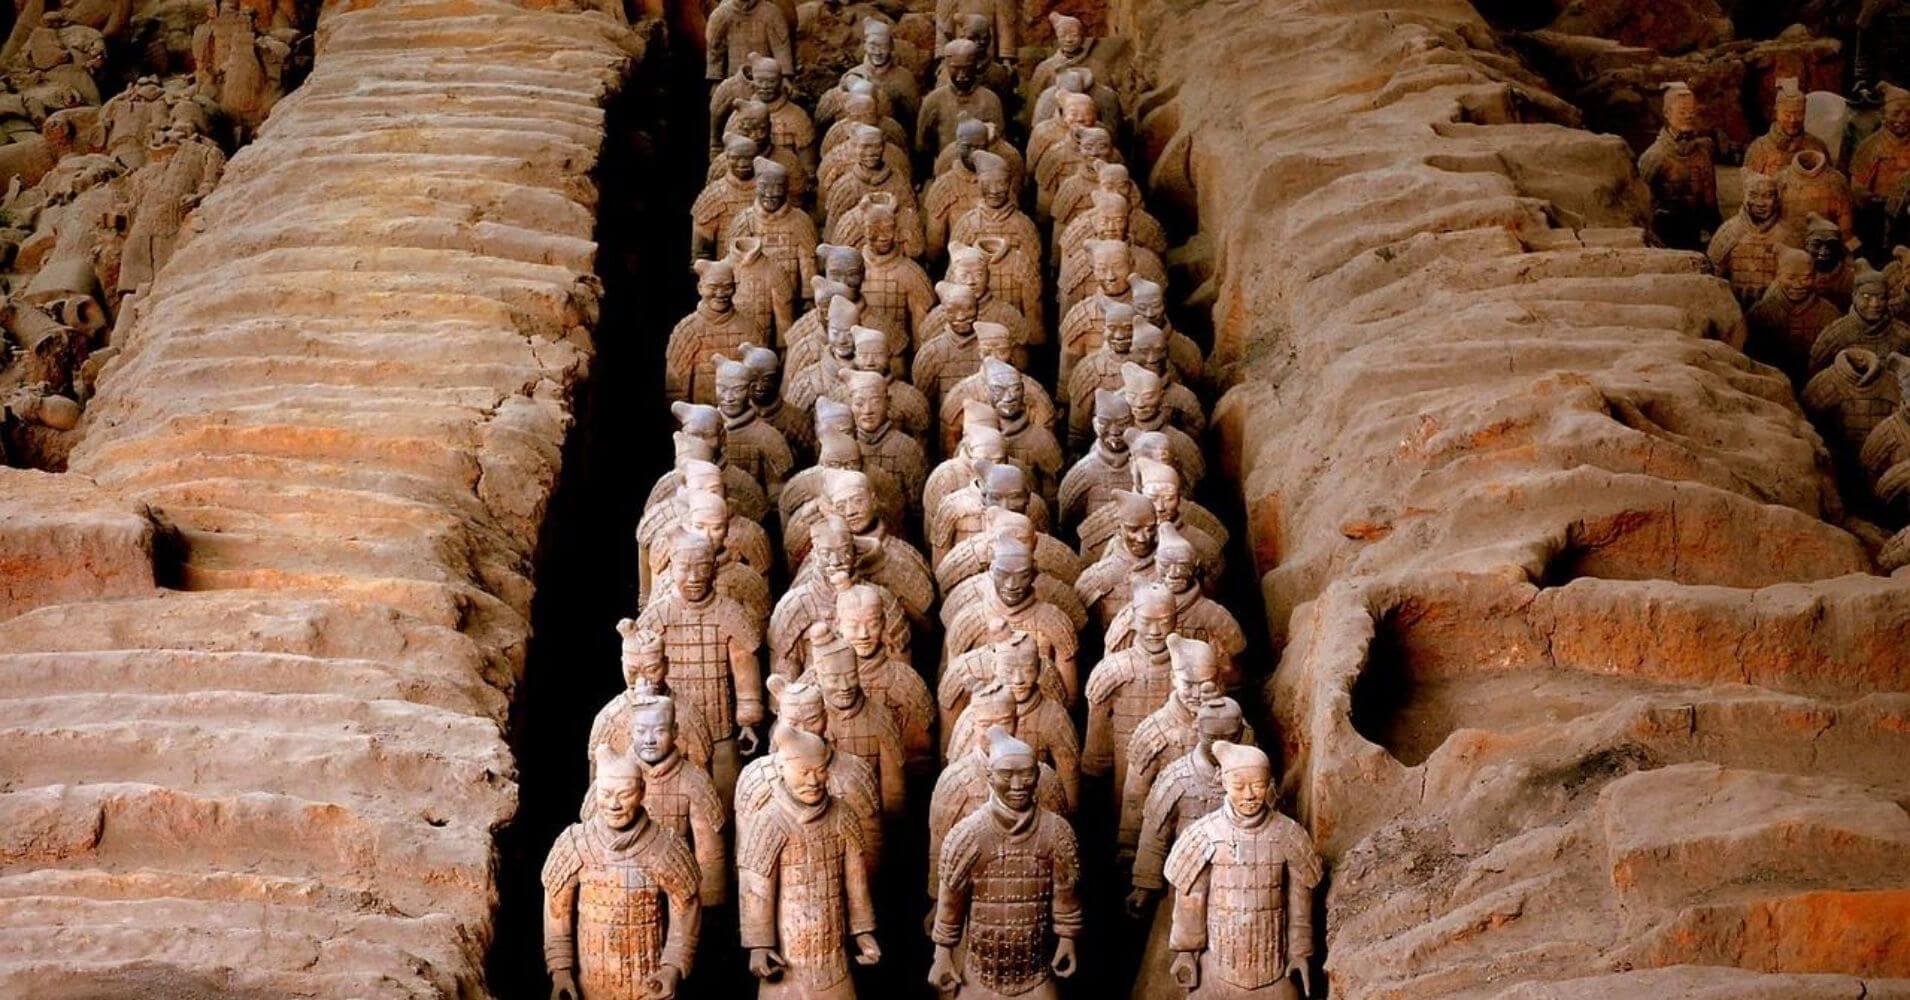 Guerreros de Terracota. Mausoleo de Gin Shi Huang. Xi'an.